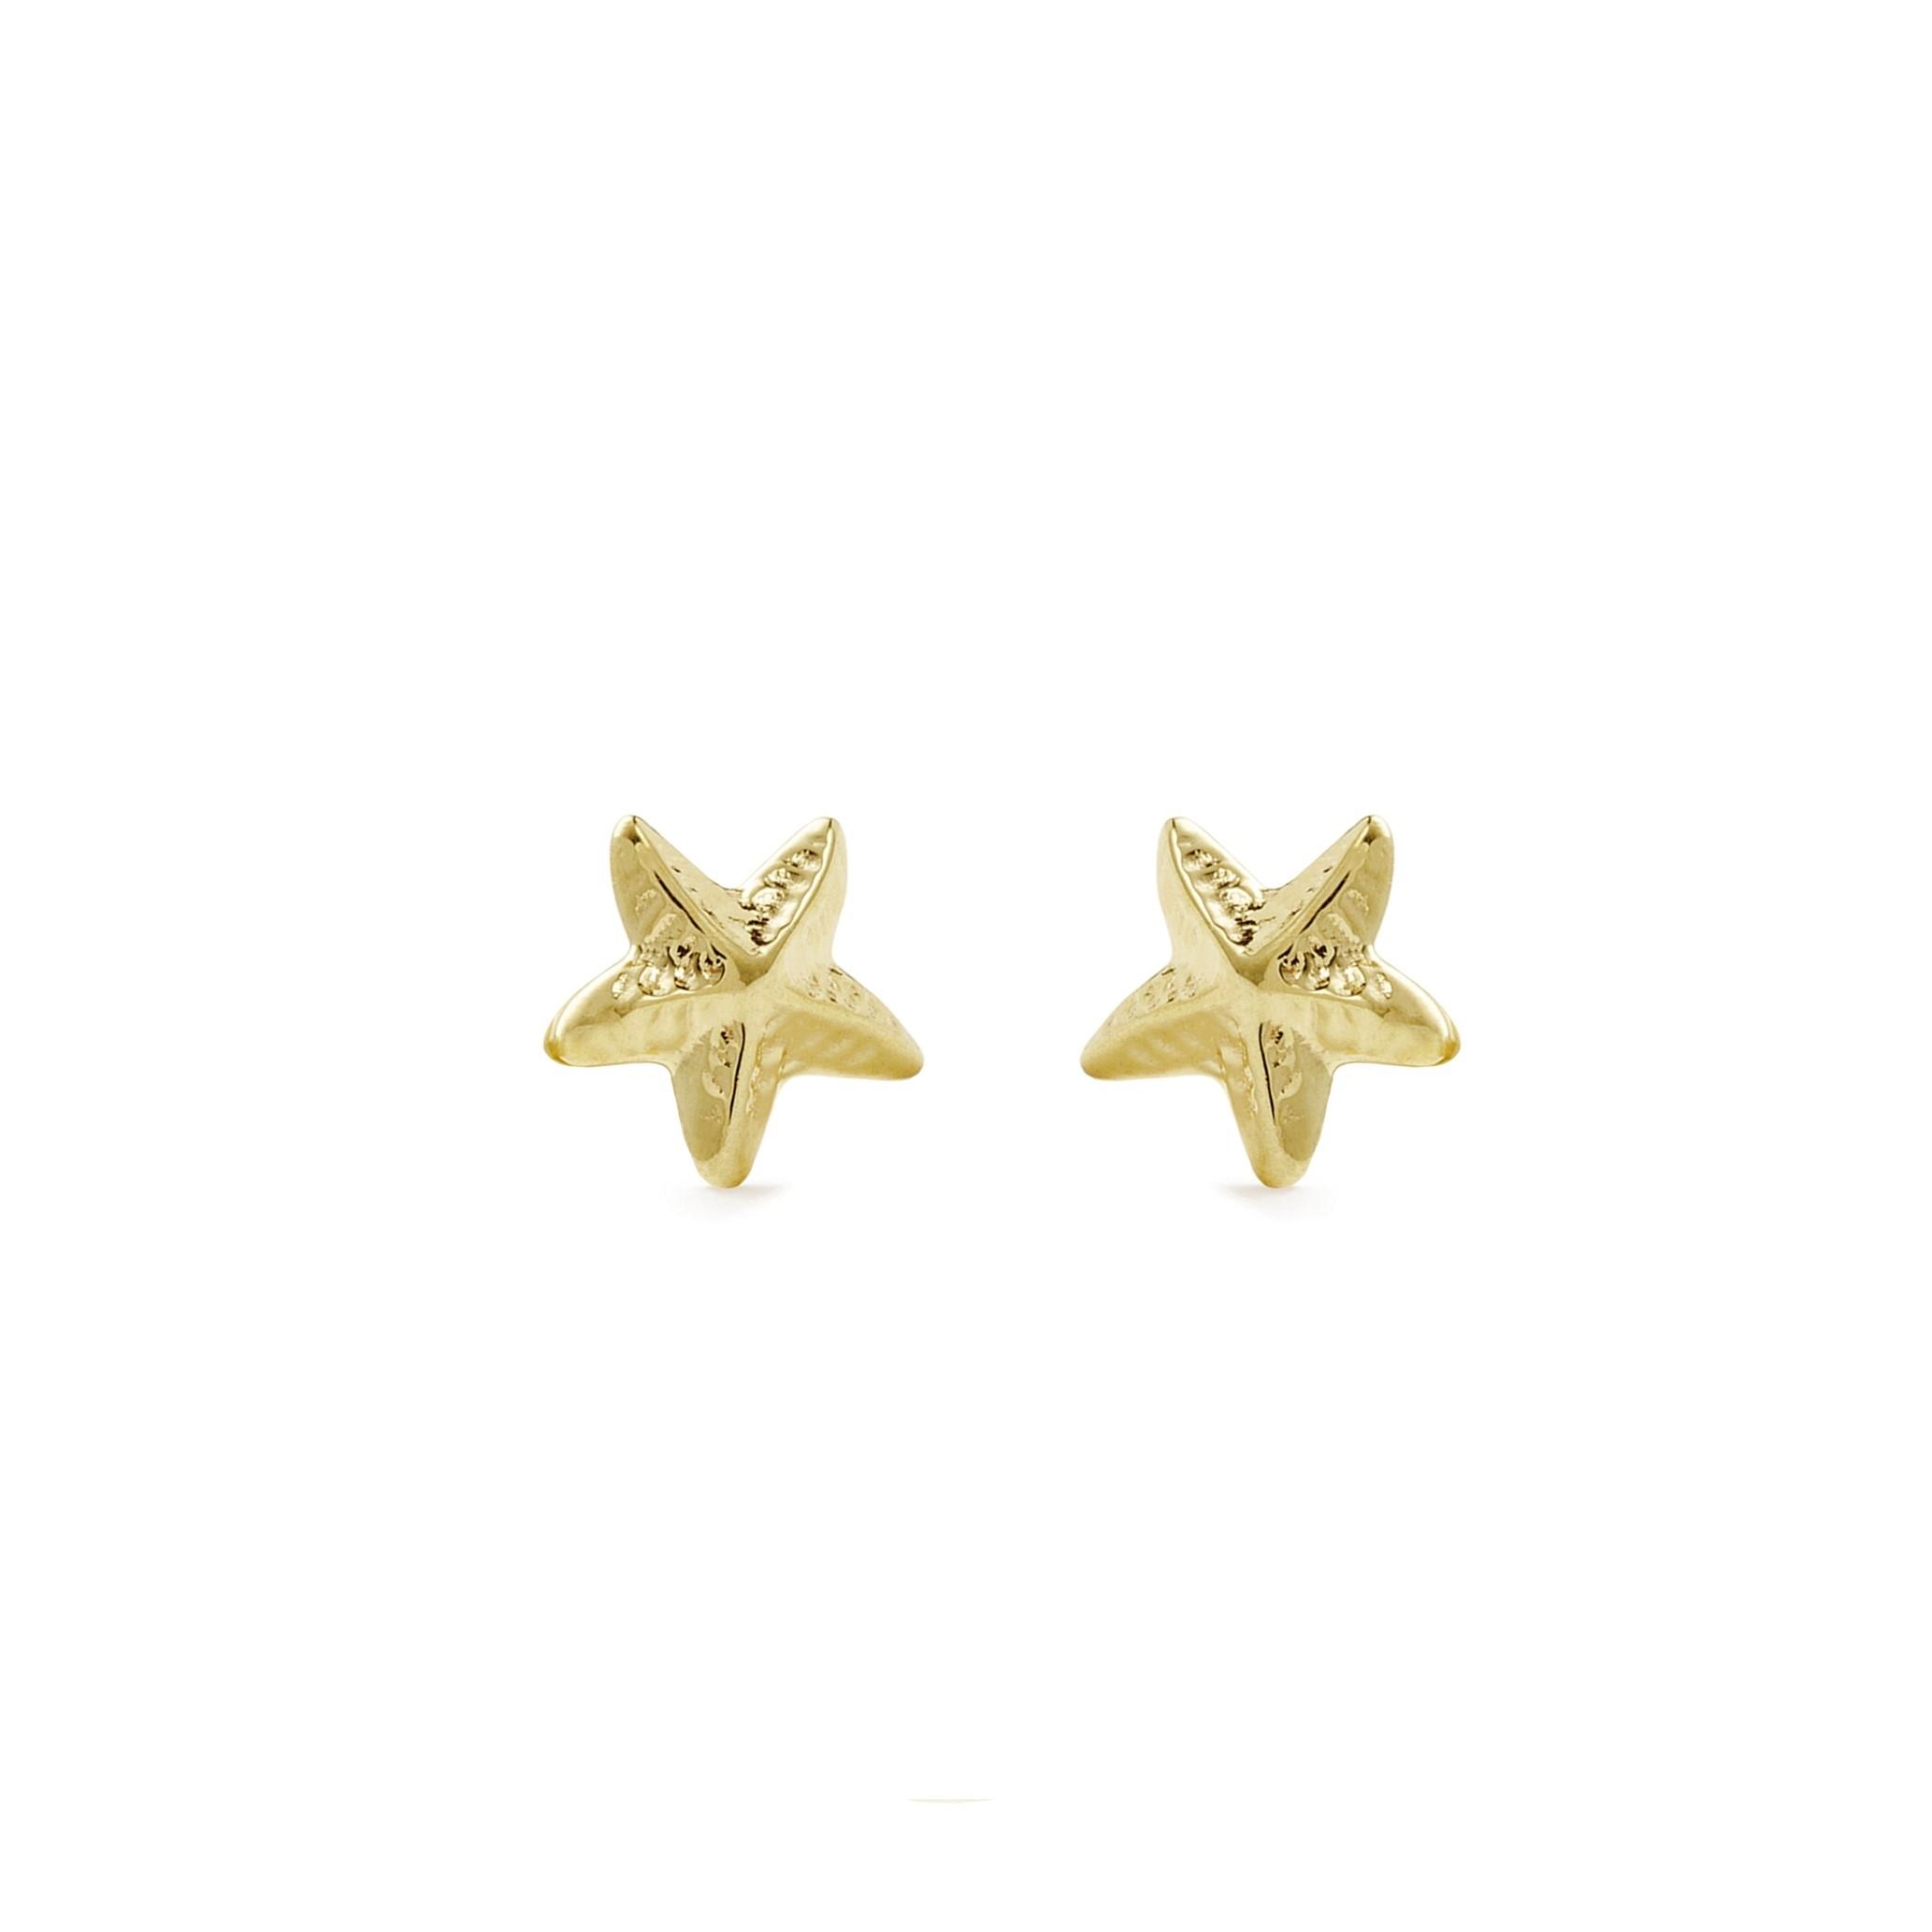 Ohrstecker für Kinder Mädchen, Gold 375, Seestern